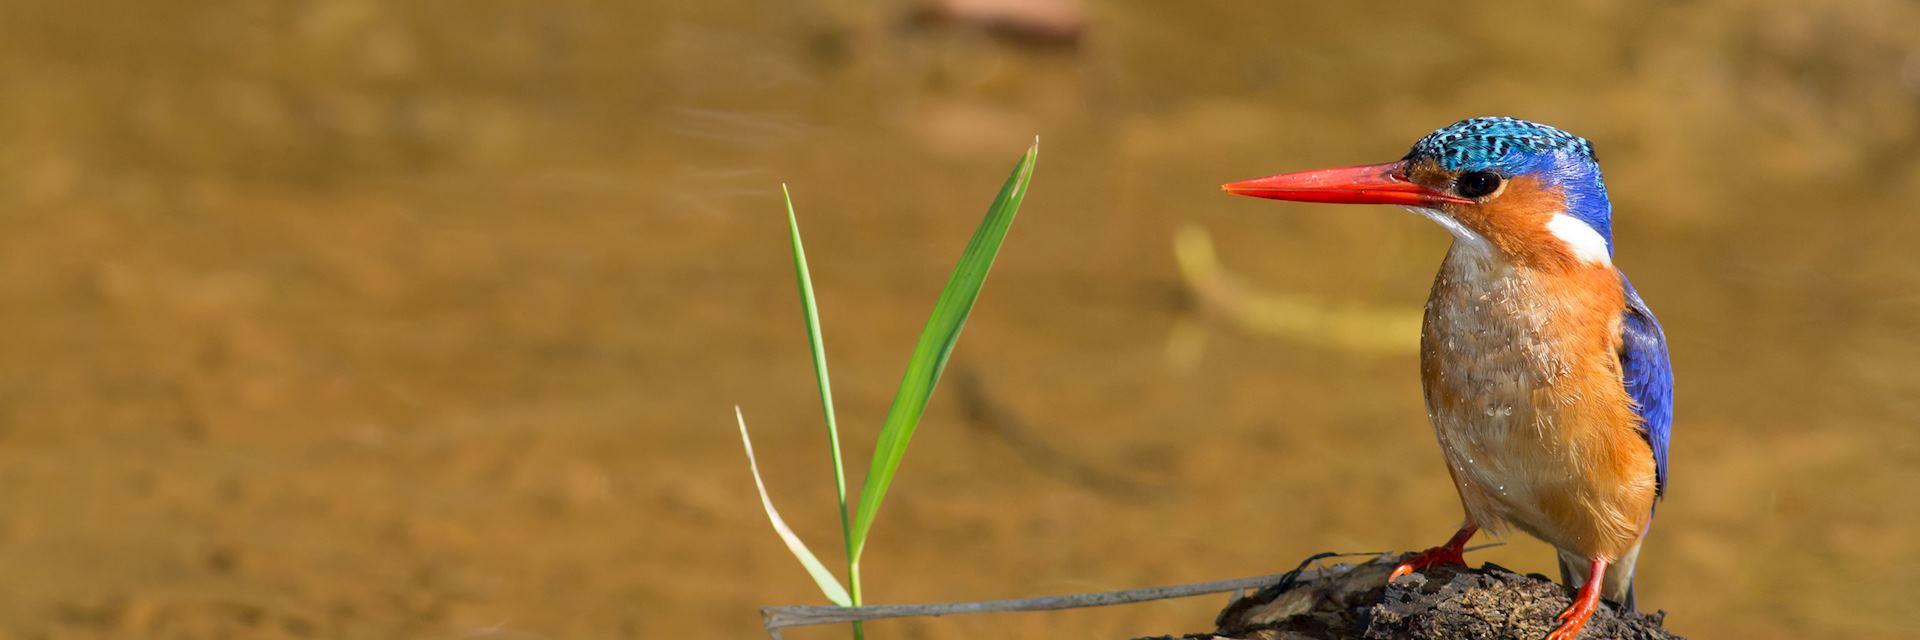 Malachite kingfisher, iSimangaliso Wetland Park